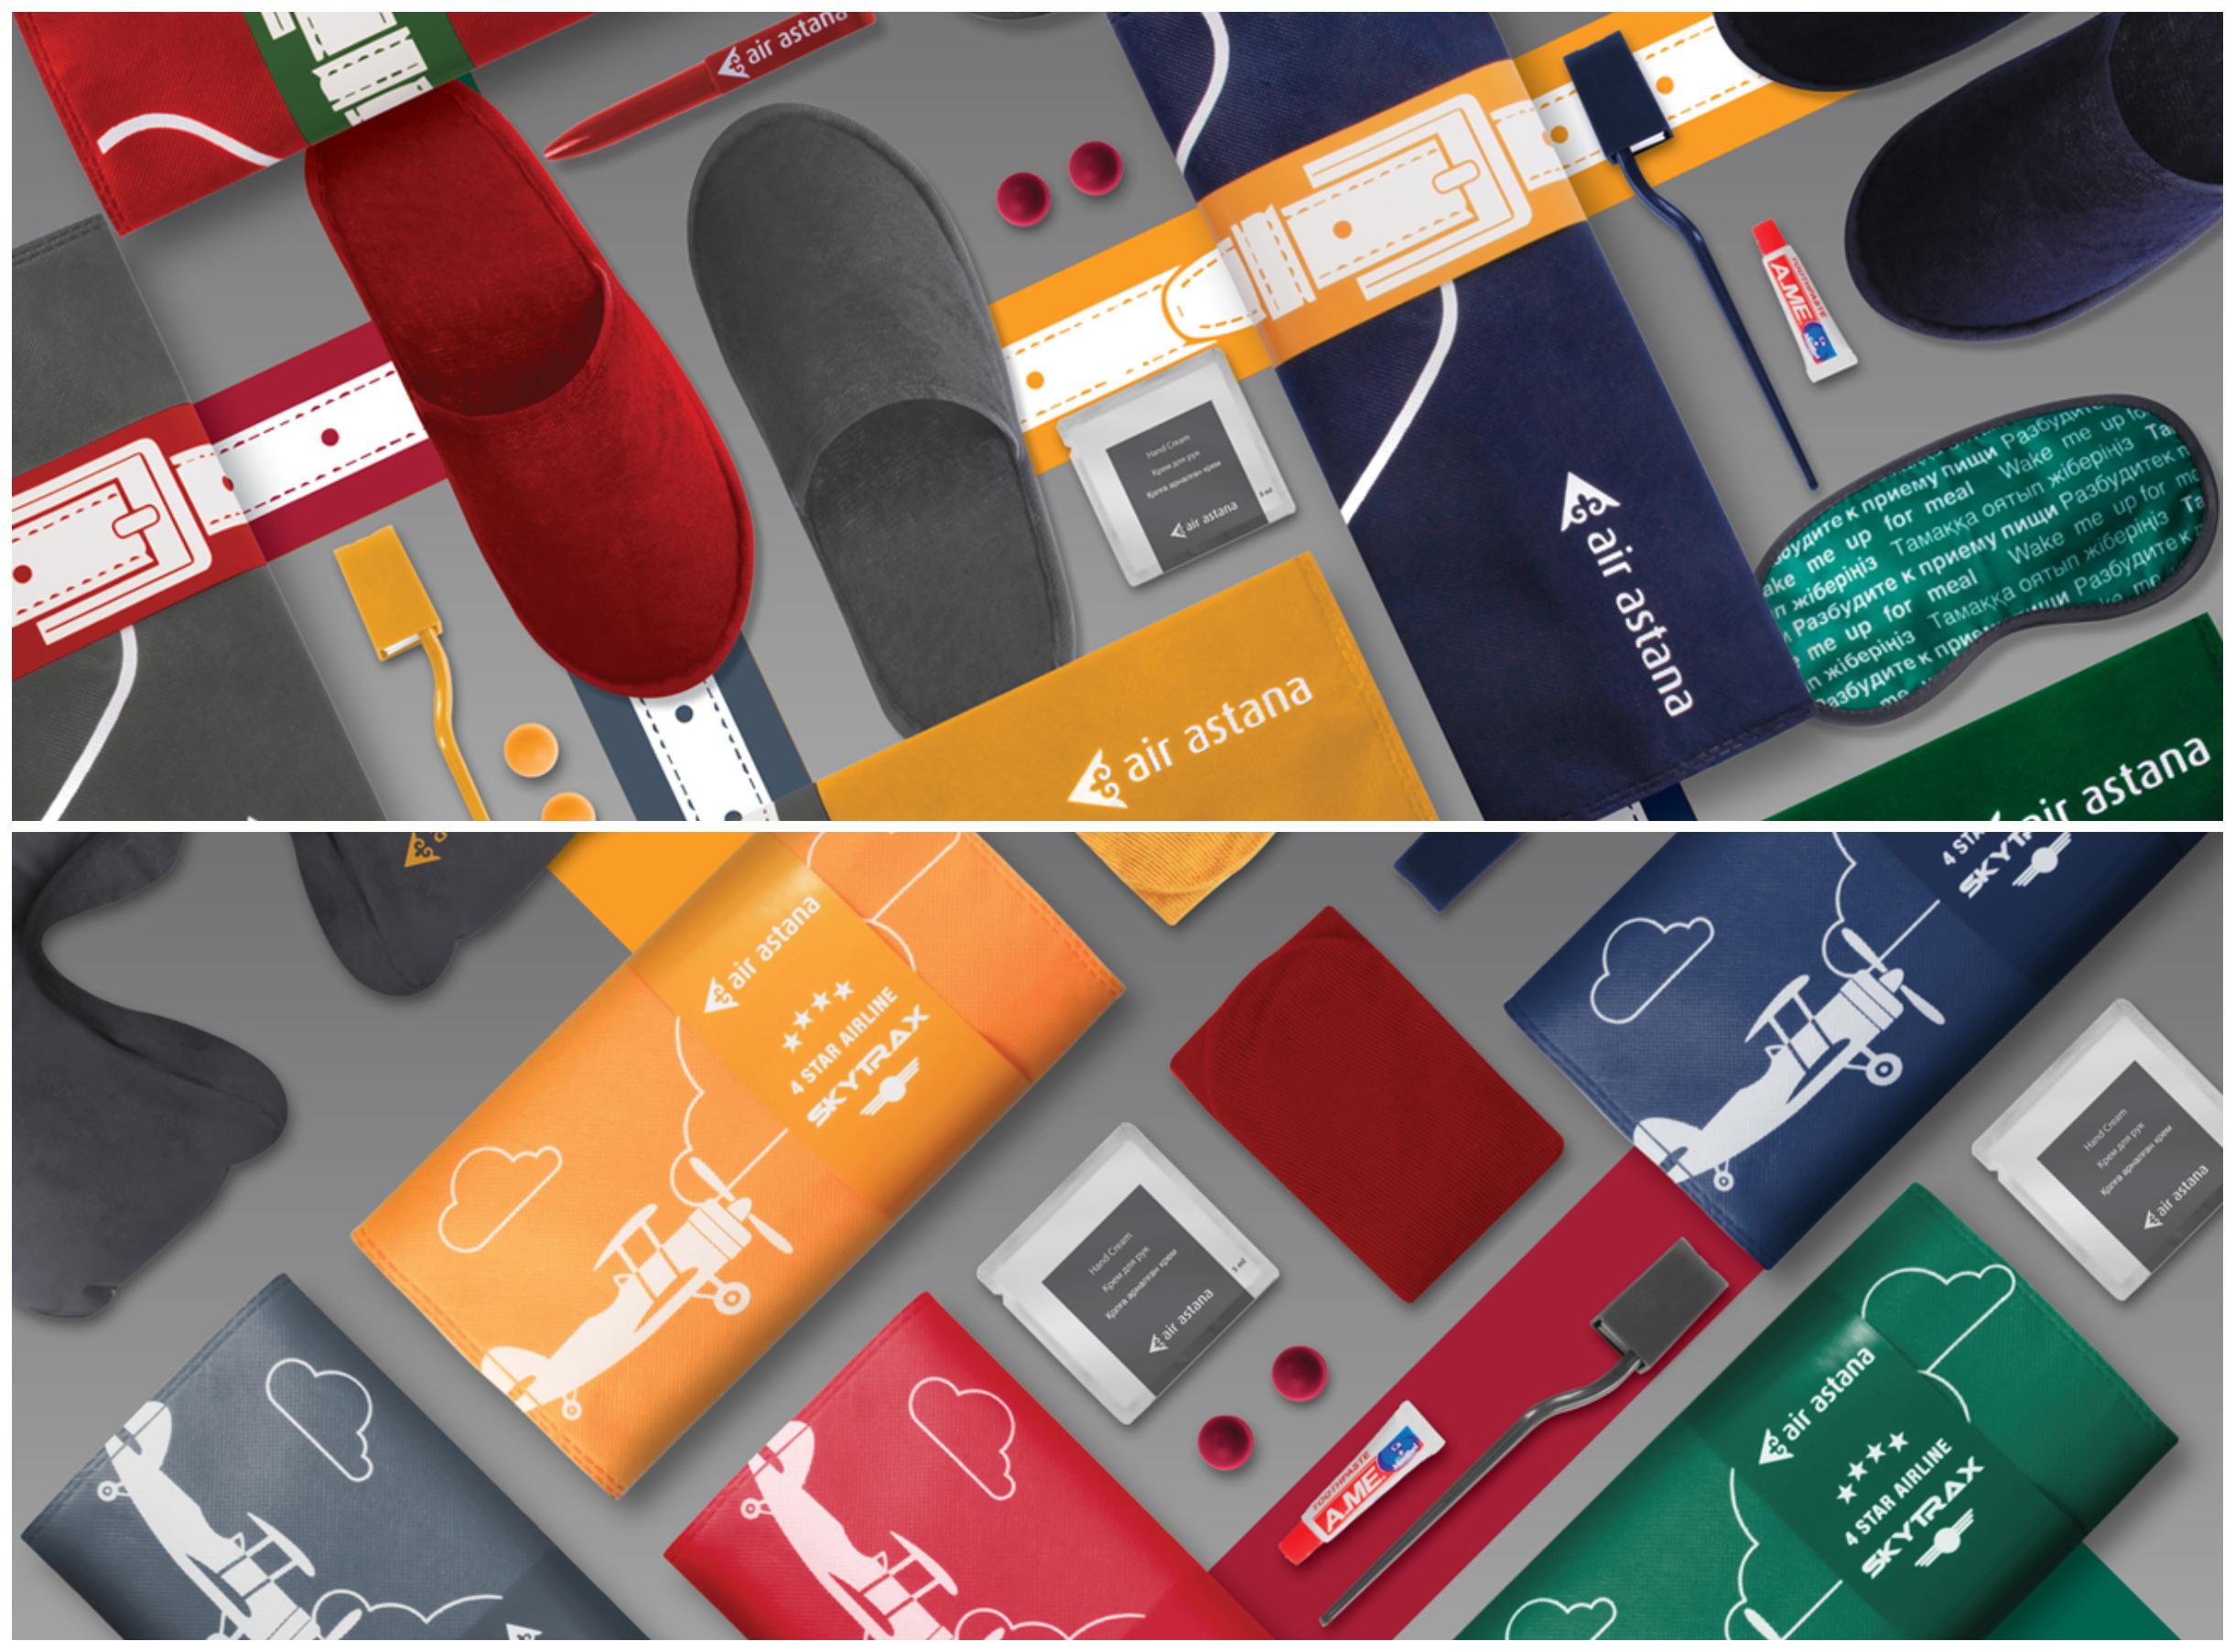 air astana zestaw dla pasażera